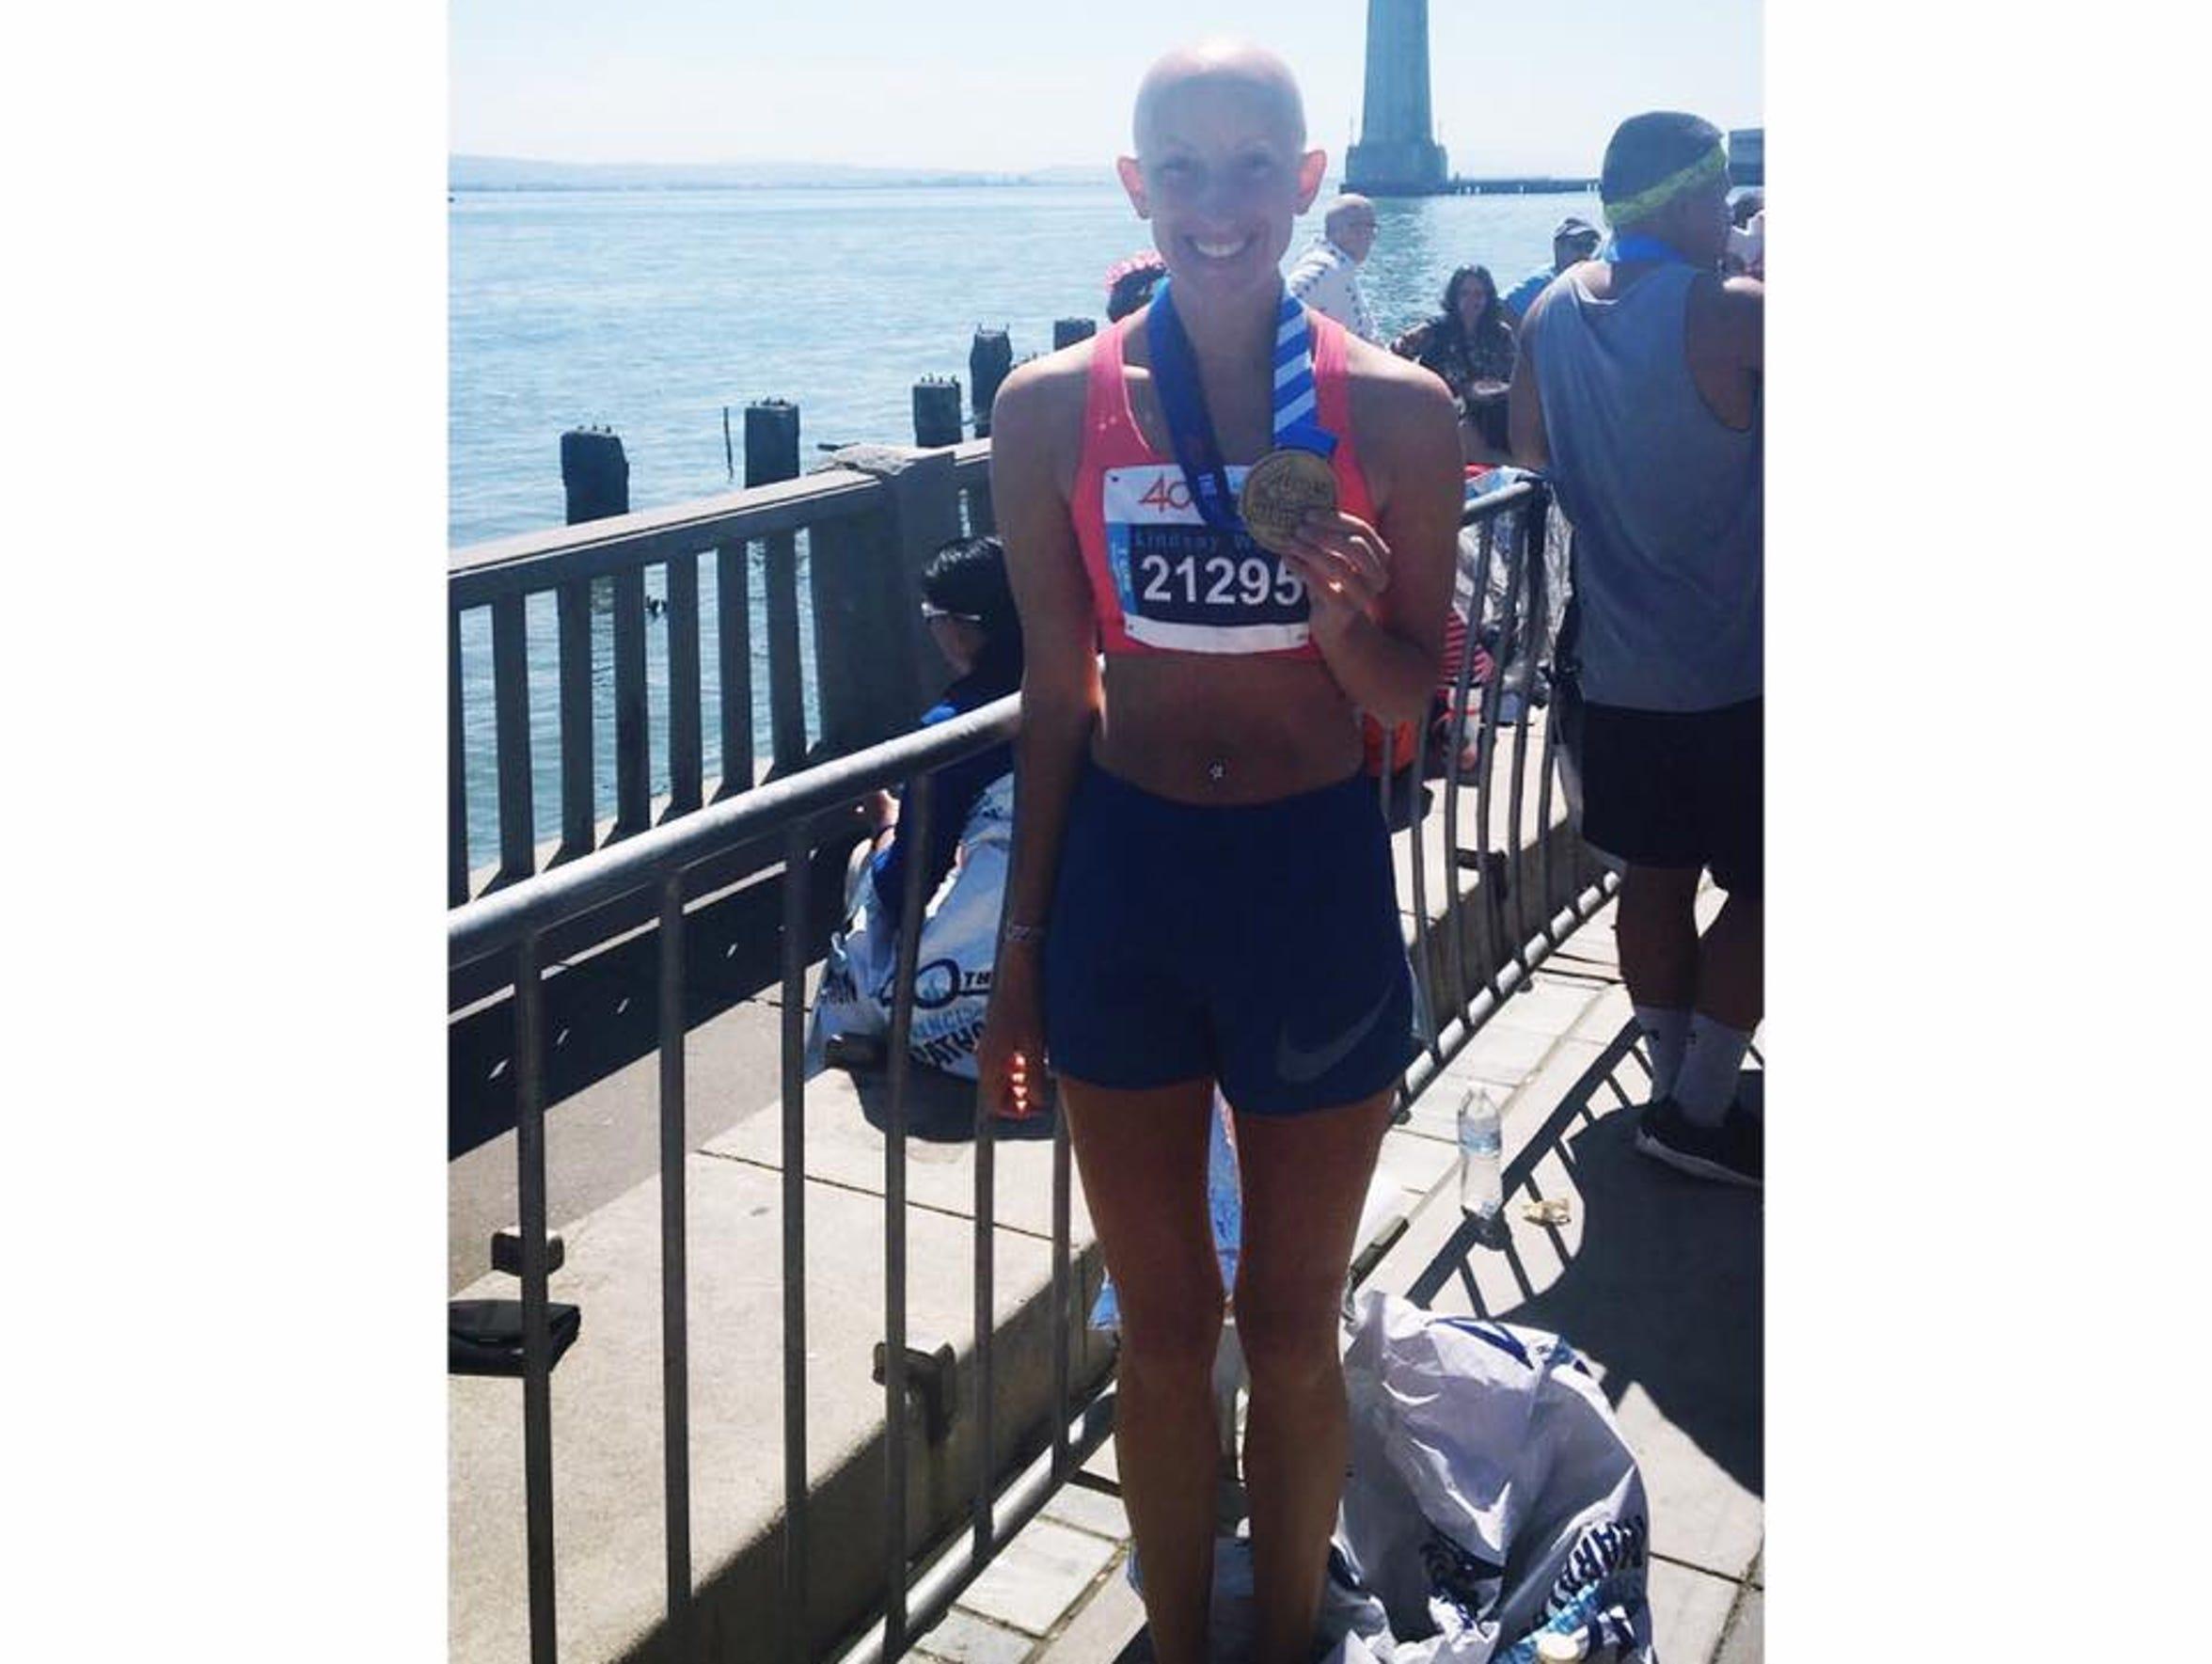 After completing the San Francisco Marathon, Lindsay